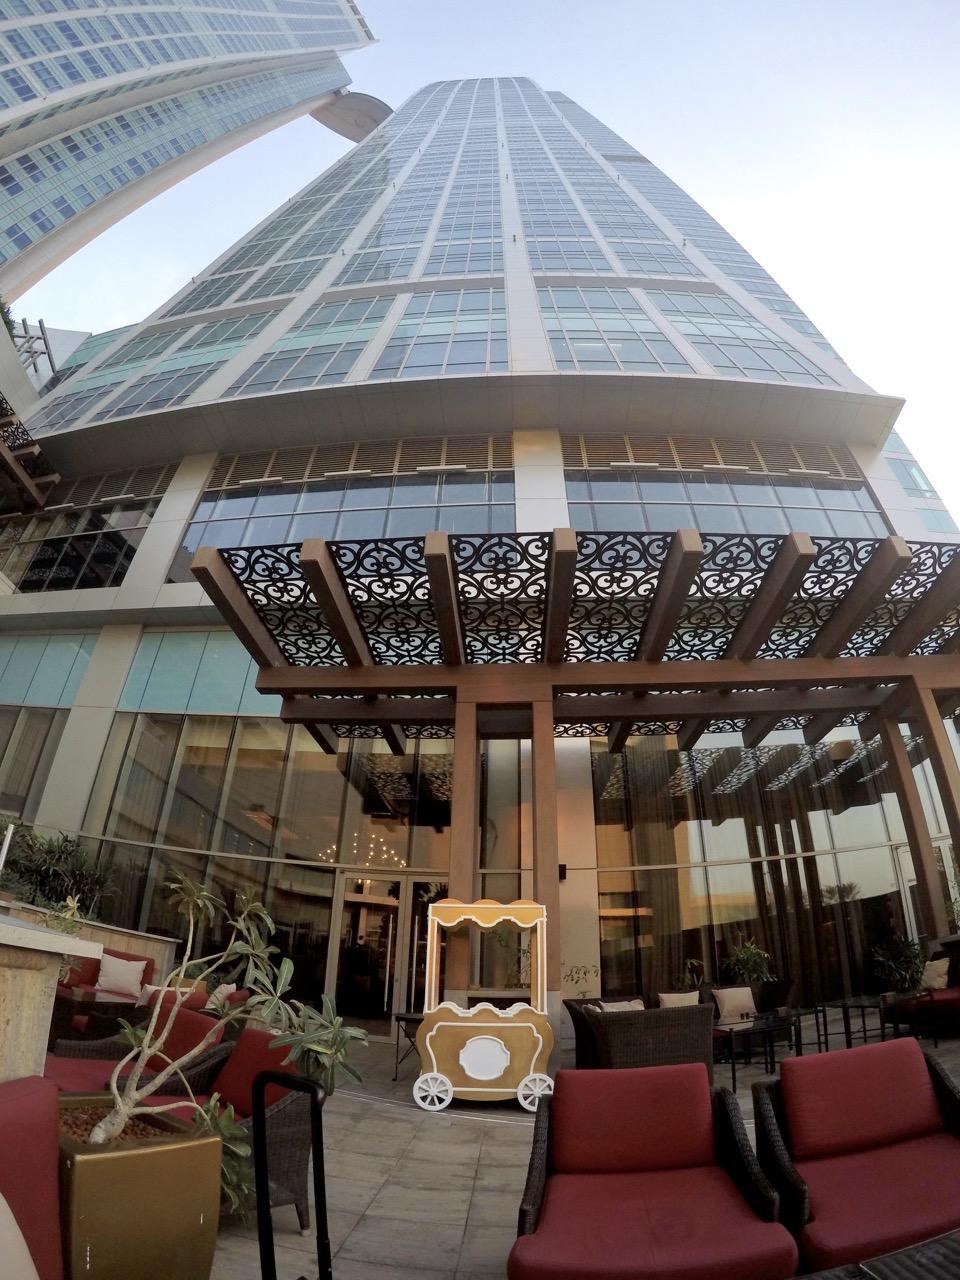 The St. Regis Abu Dhabi | Point Hacks